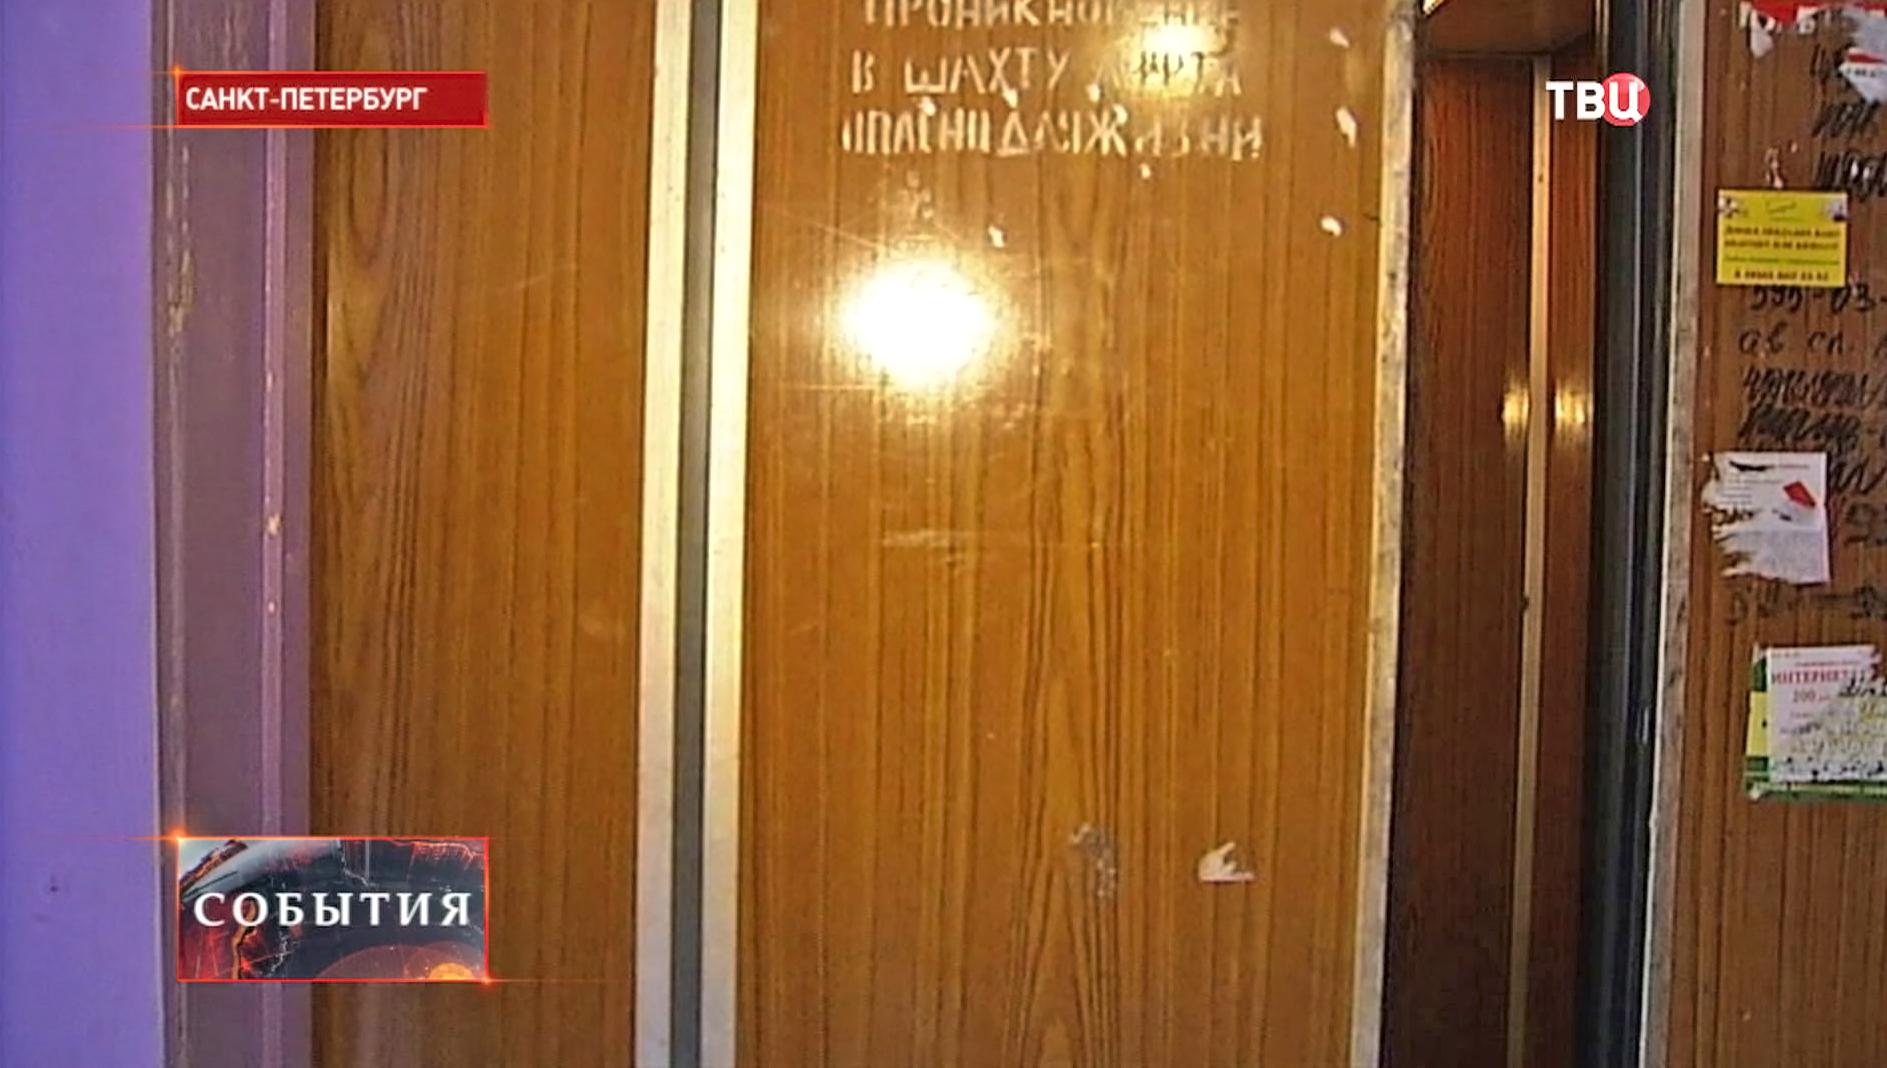 Лифт, где произошла трагедия